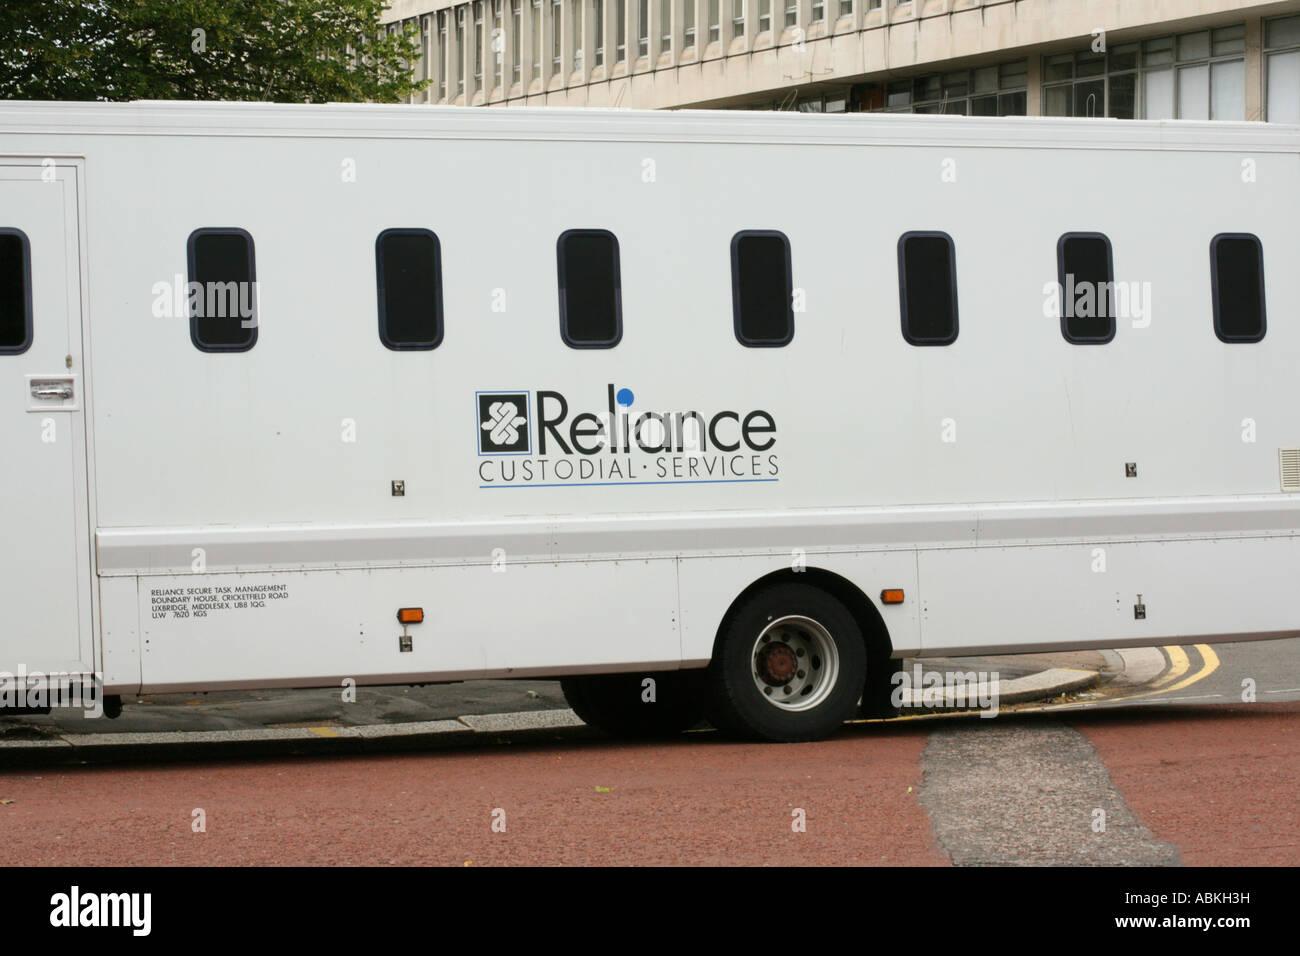 Reliance custodial services prison van jail bus - Stock Image